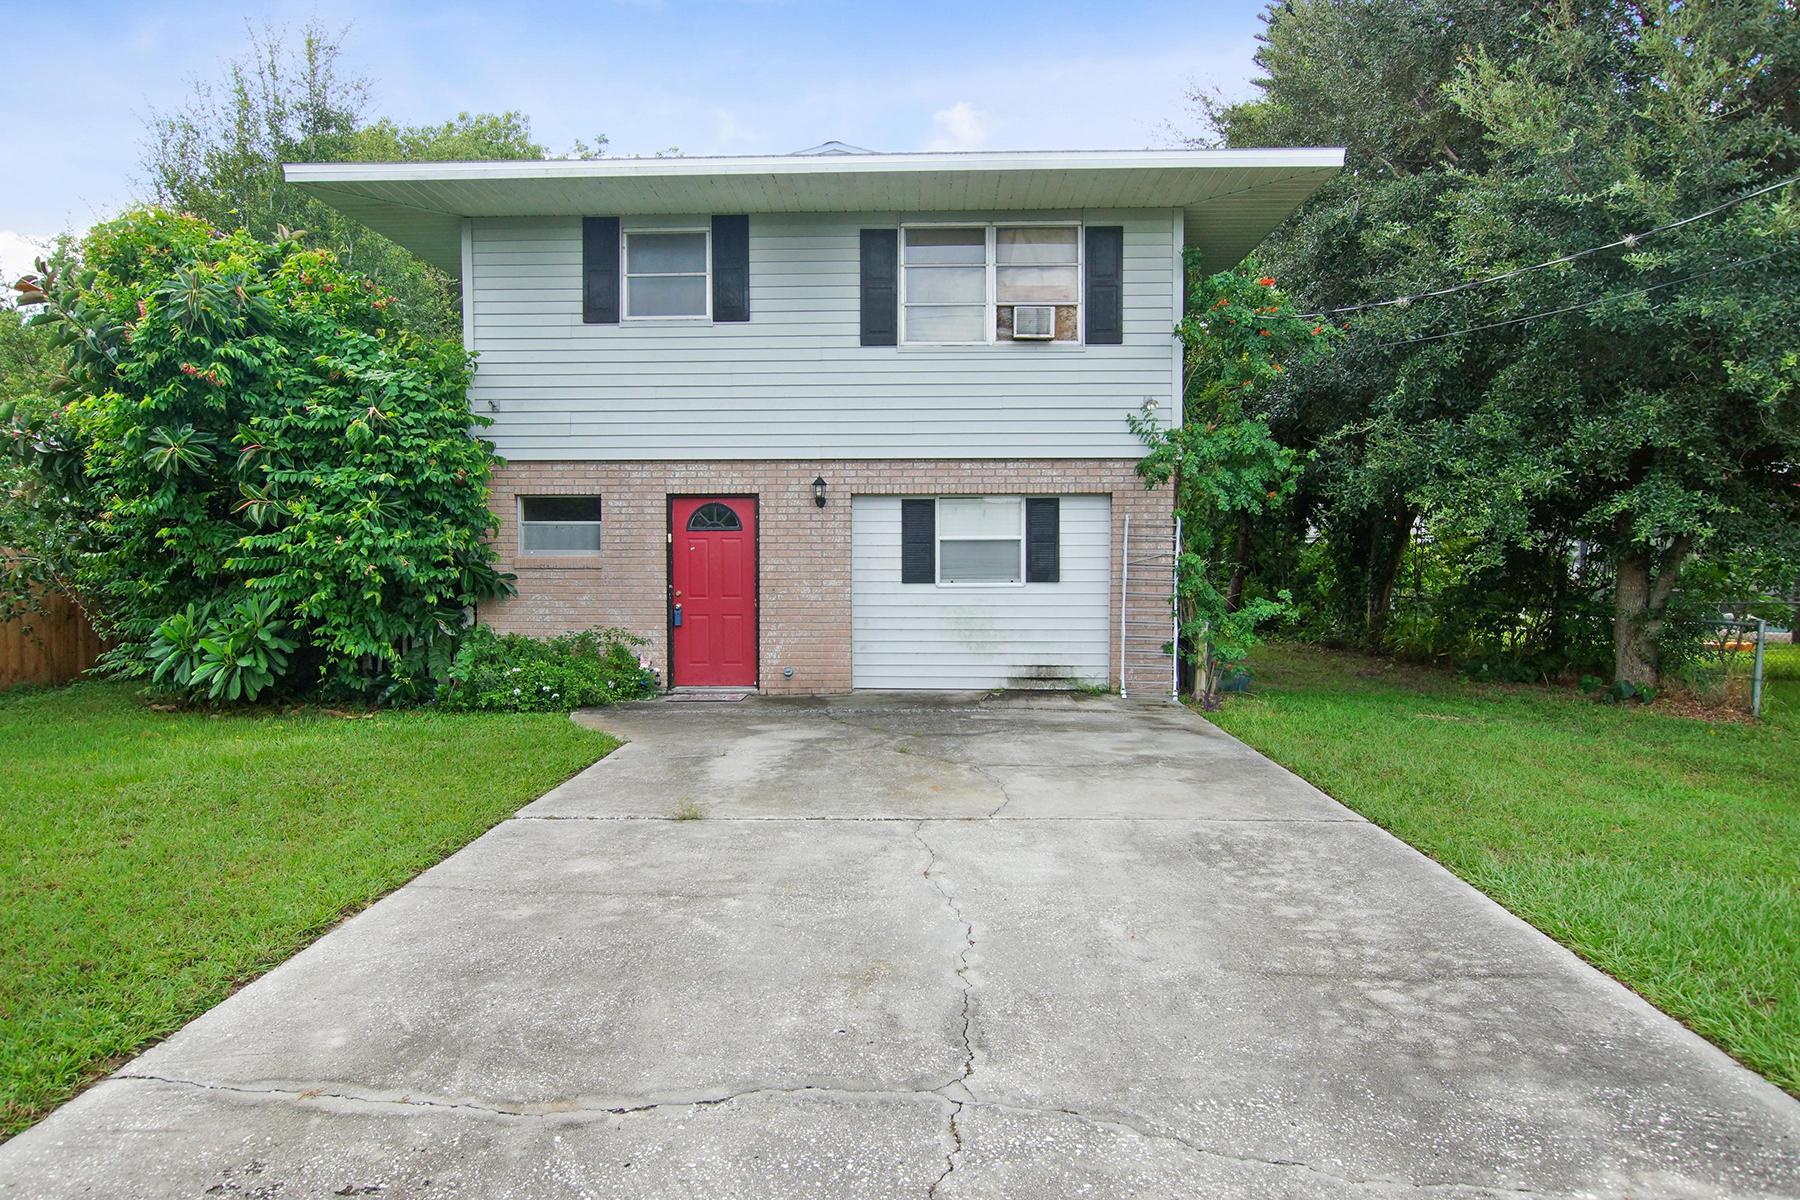 Casa Unifamiliar por un Venta en WINDERMERE,Florida 6656 Sawyer Shores Ln Windermere, Florida, 34786 Estados Unidos